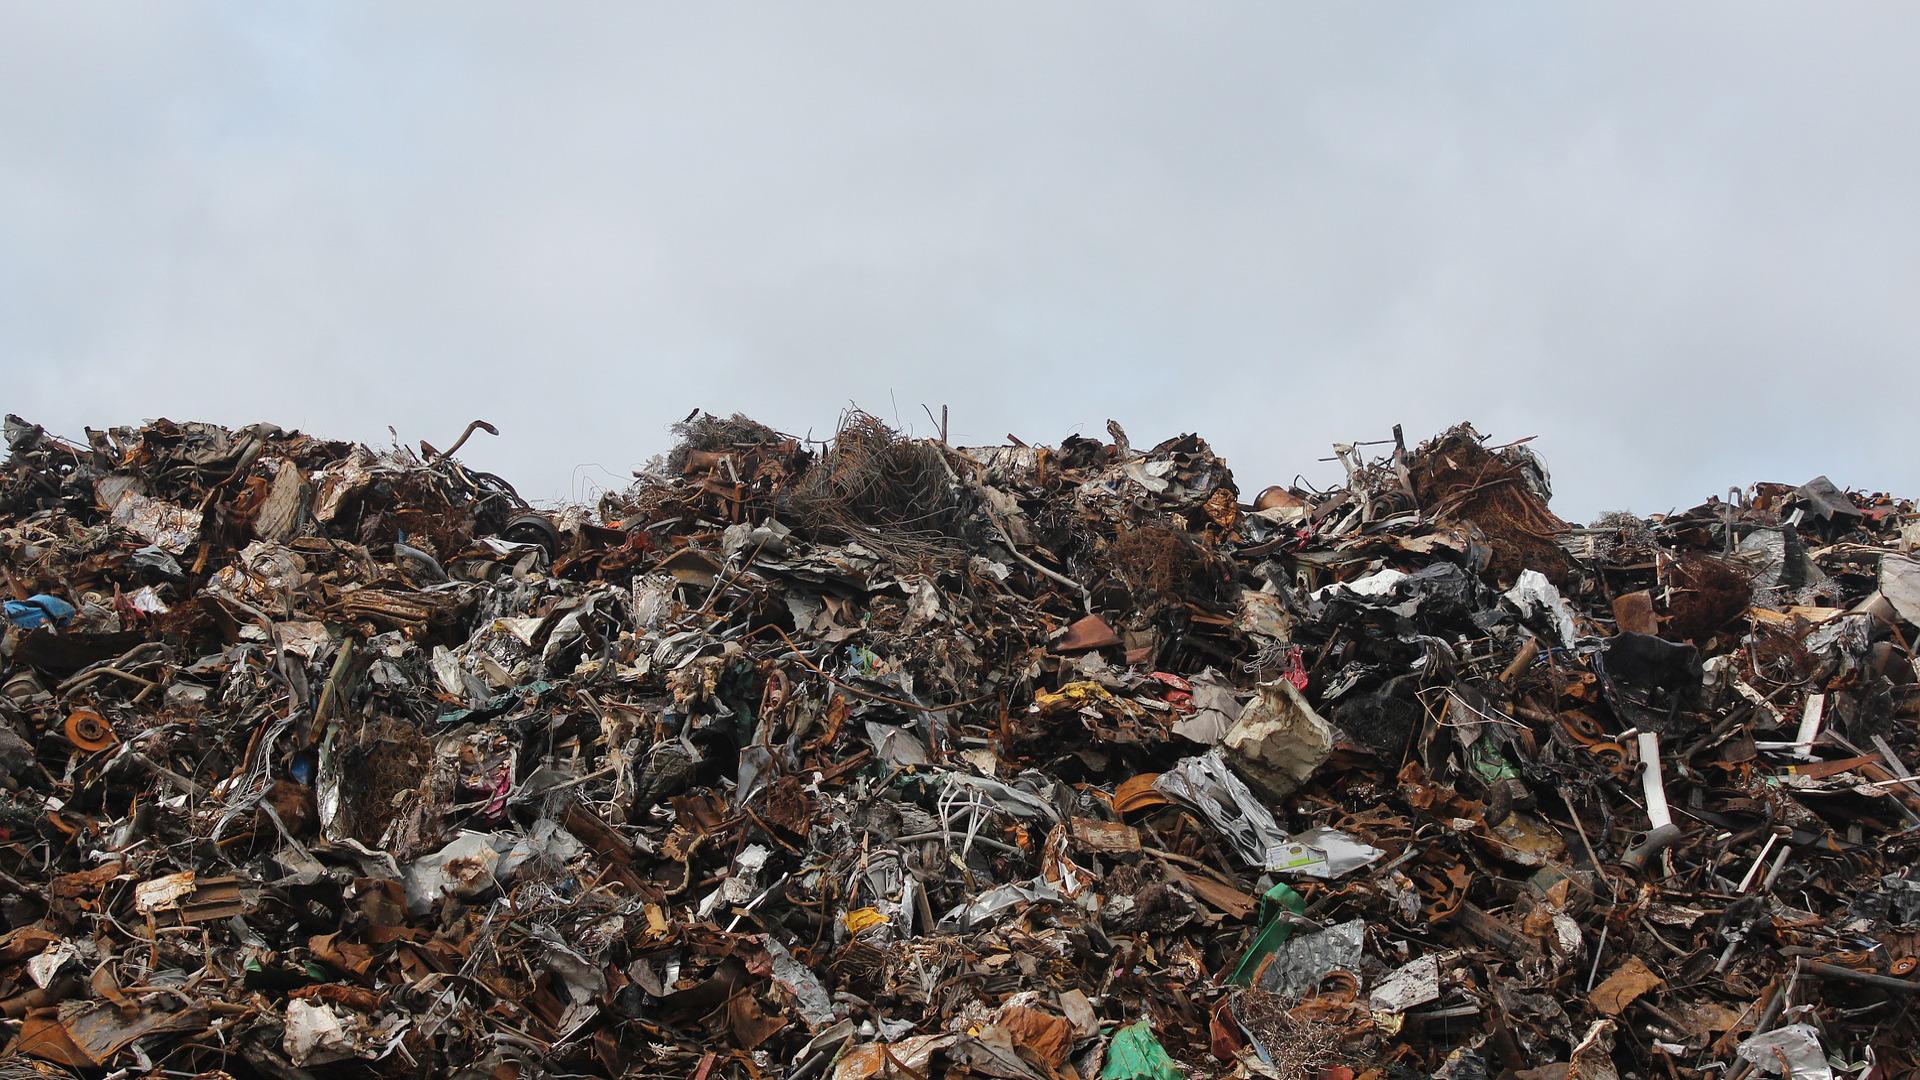 la-ue-establece-nuevas-directivas-para-la-gestion-de-residuos-1920